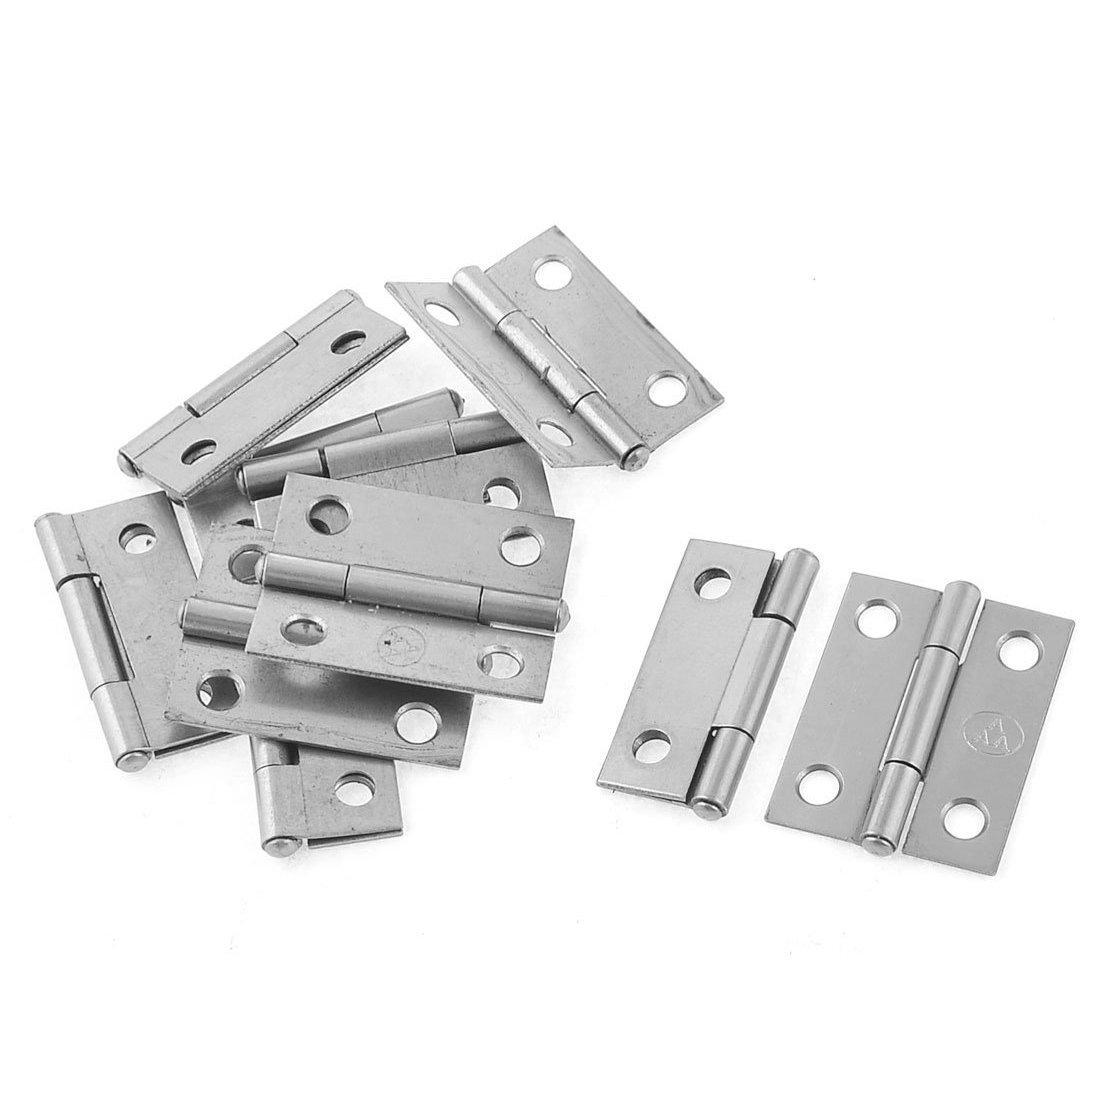 Bisagra de puerta de gabinete R SODIAL 10 piezas 1,5 hardware de bisagra de puerta de gabinete de armario rectangular y plegable